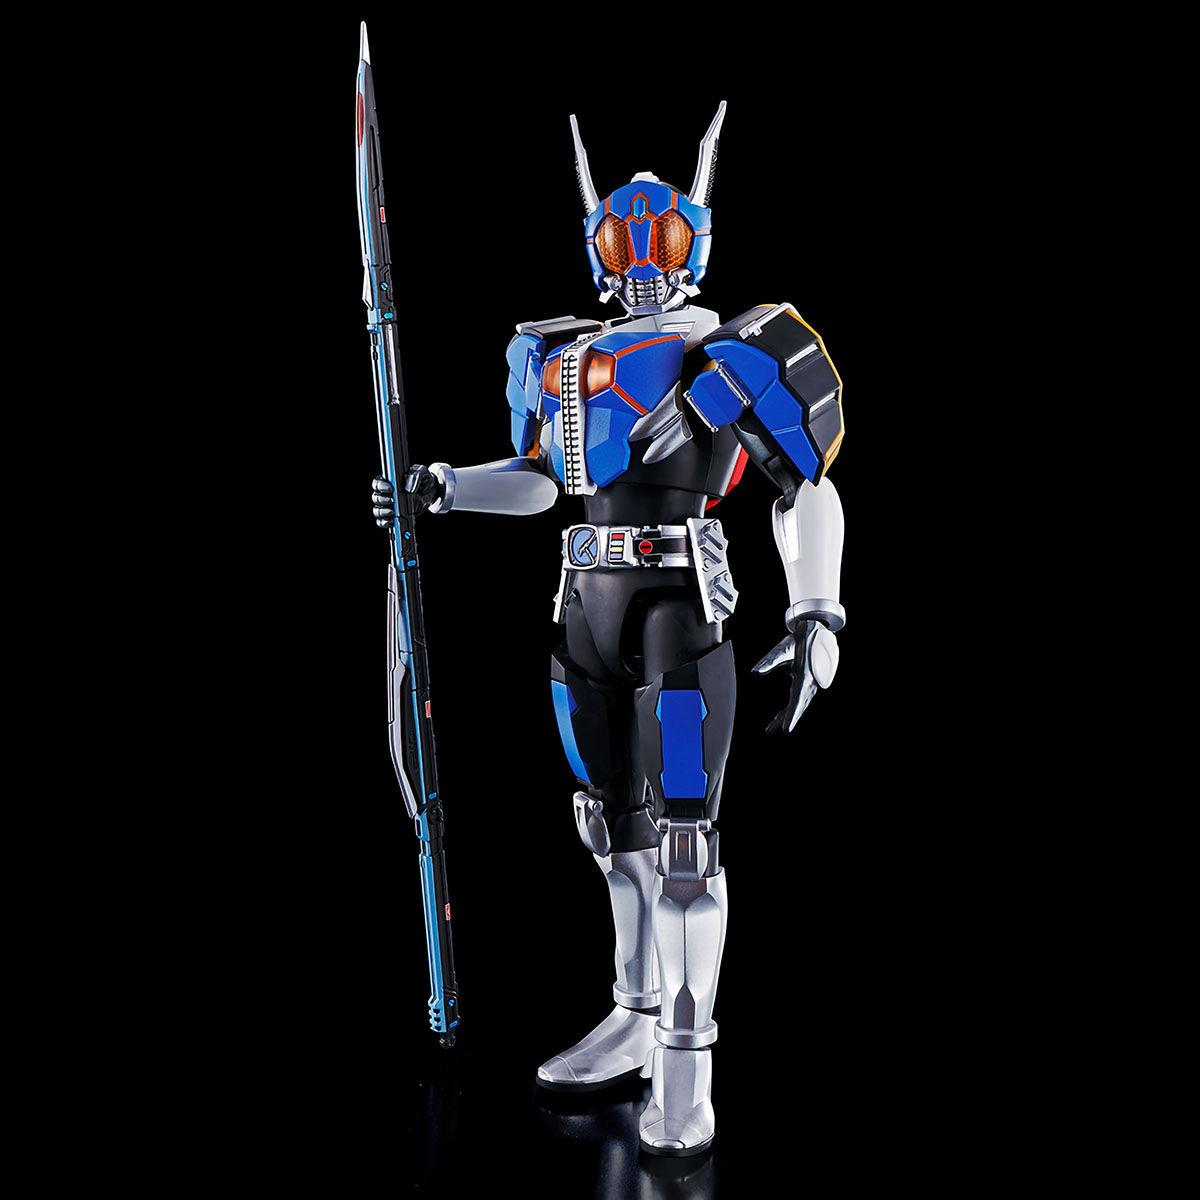 Figure-rise Standard 假面騎士 電王 杖模式 & 月台模式